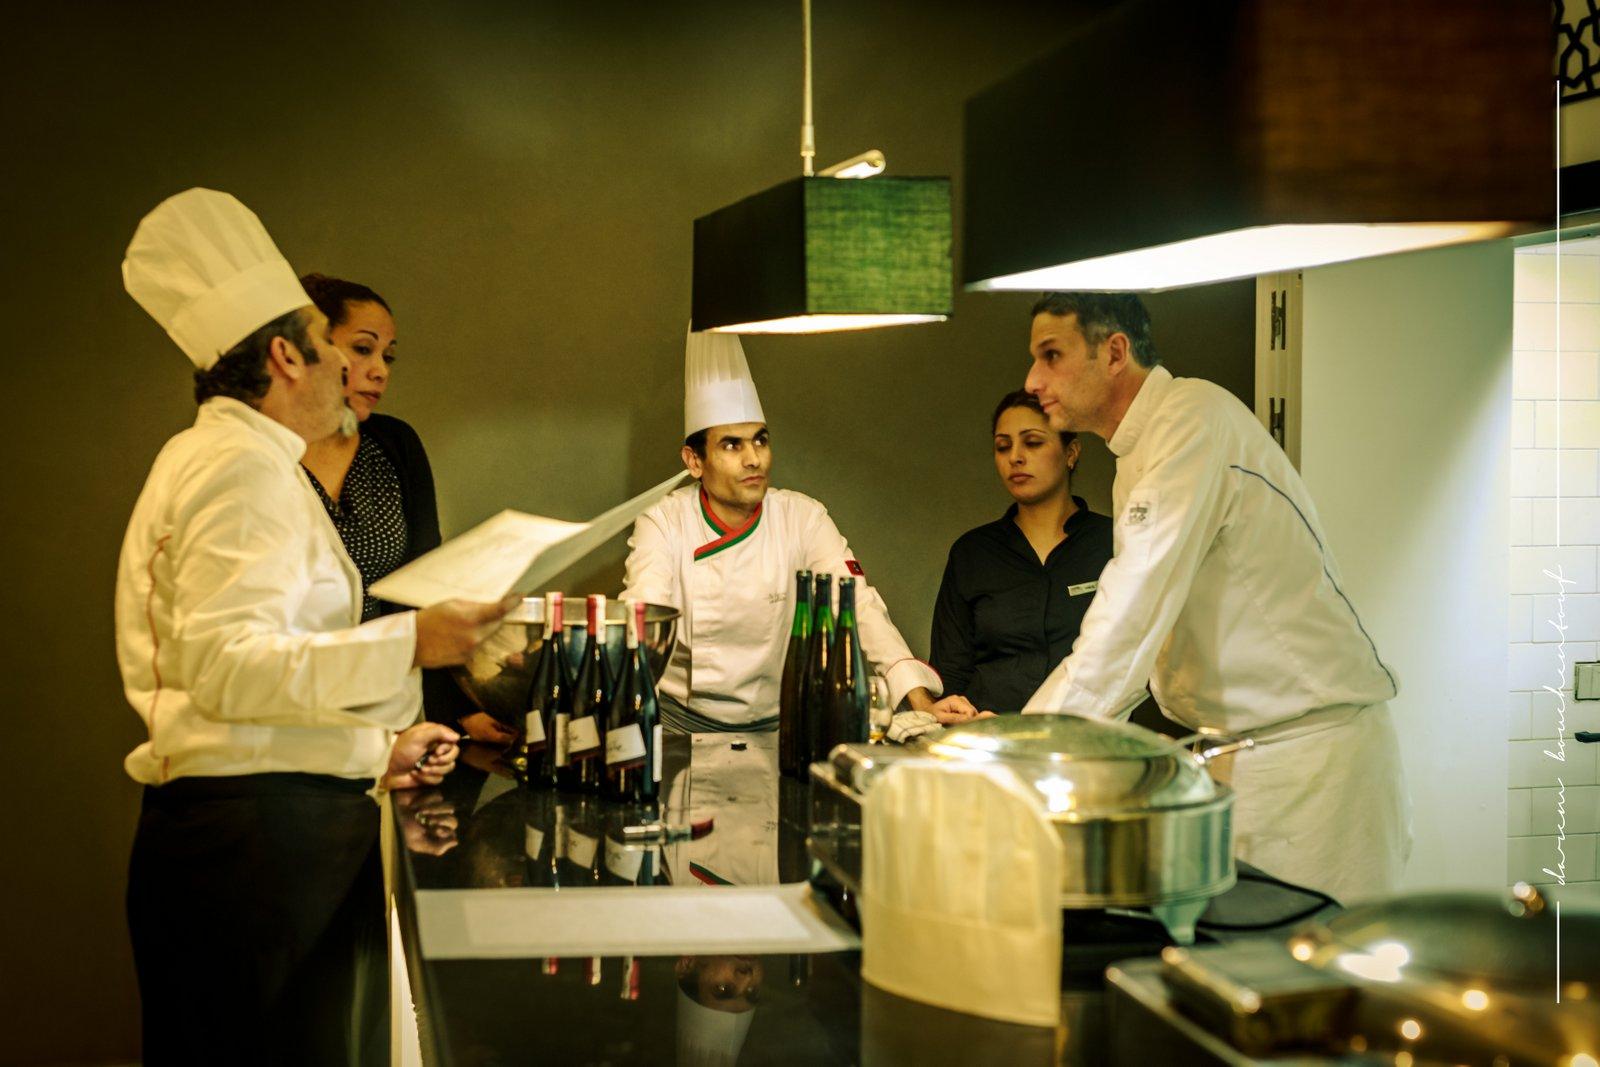 Diner de chef – Culture & Gastronomie